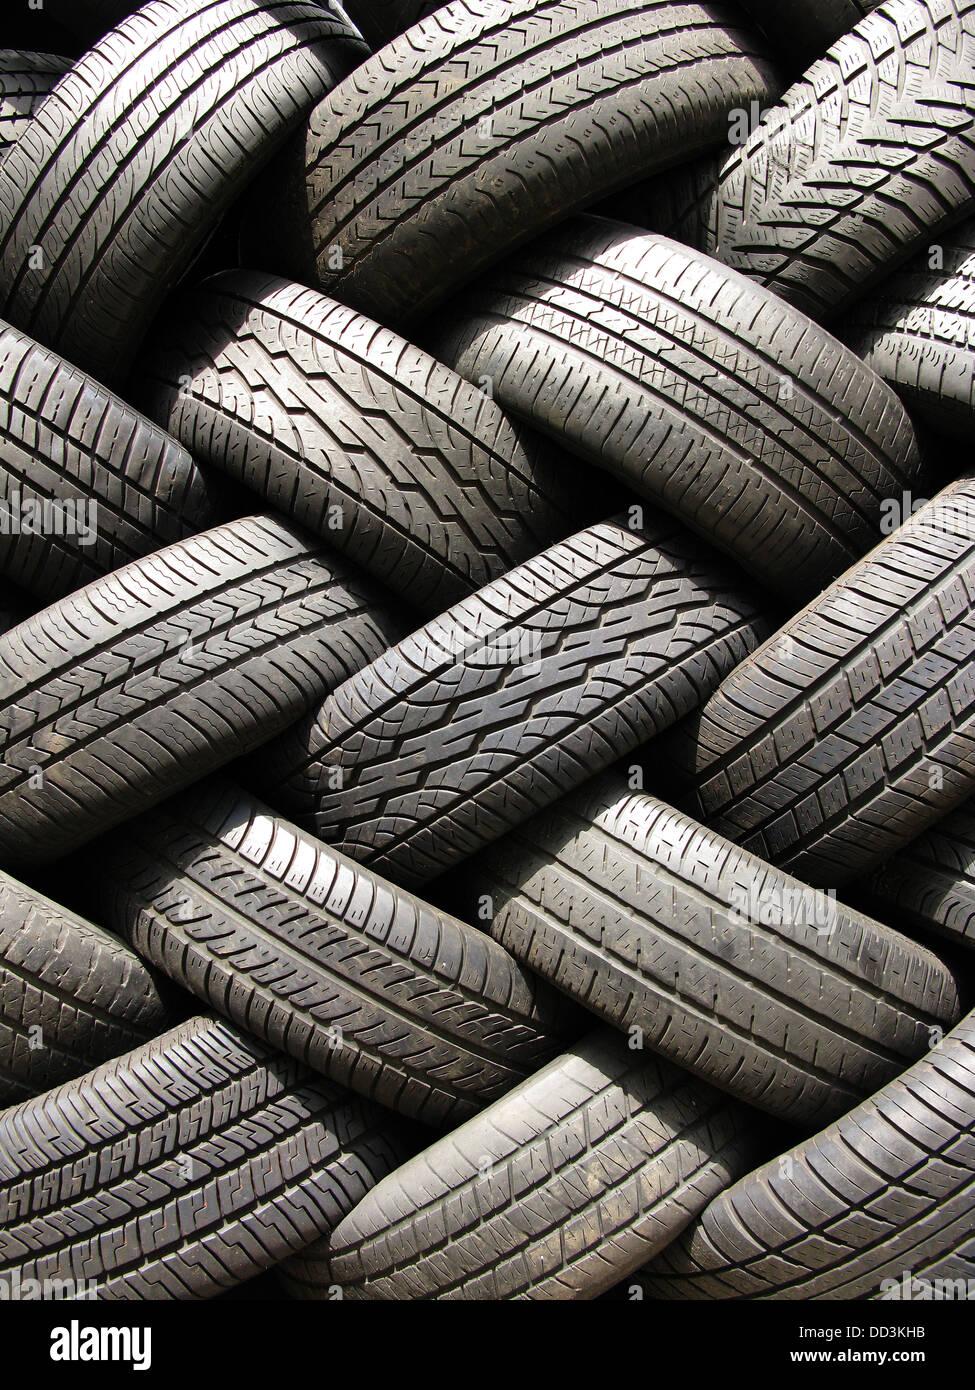 Una gran pila de neumáticos de coche automotor usado. Imagen De Stock